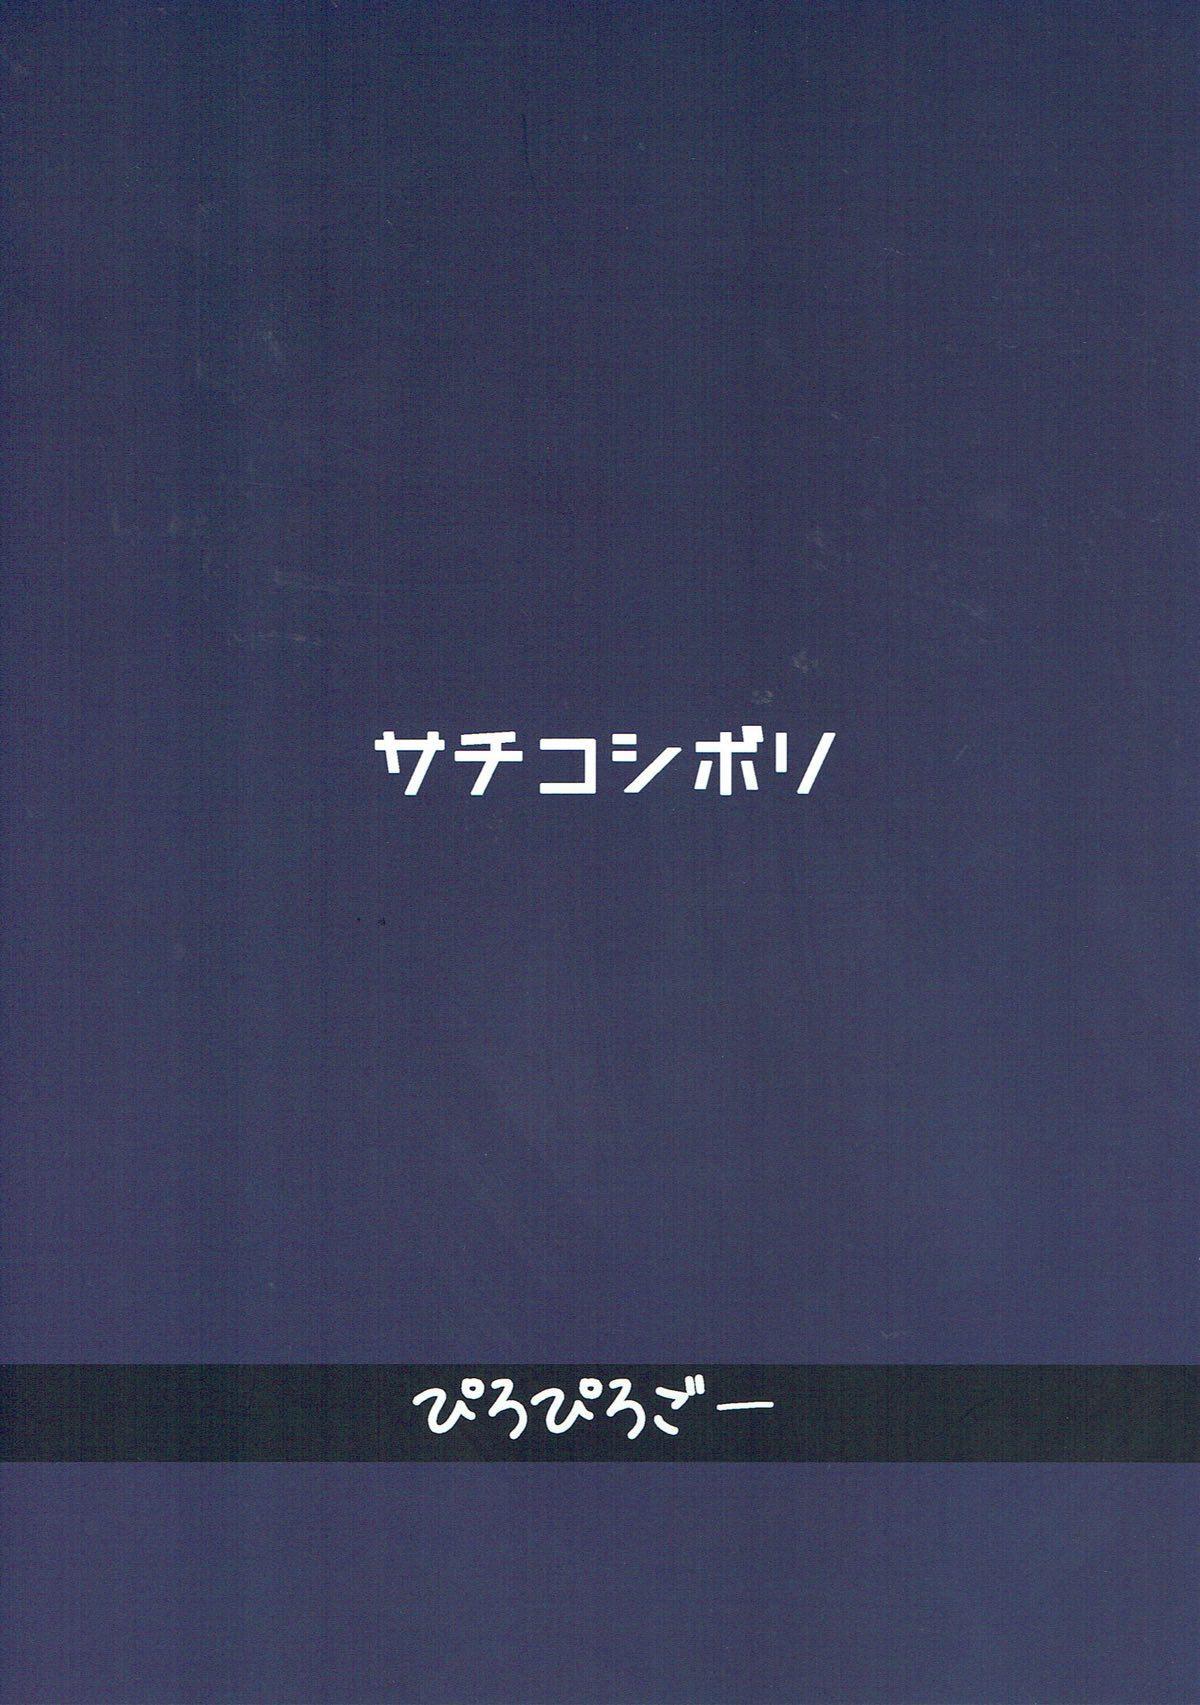 Sachiko Shibori 17